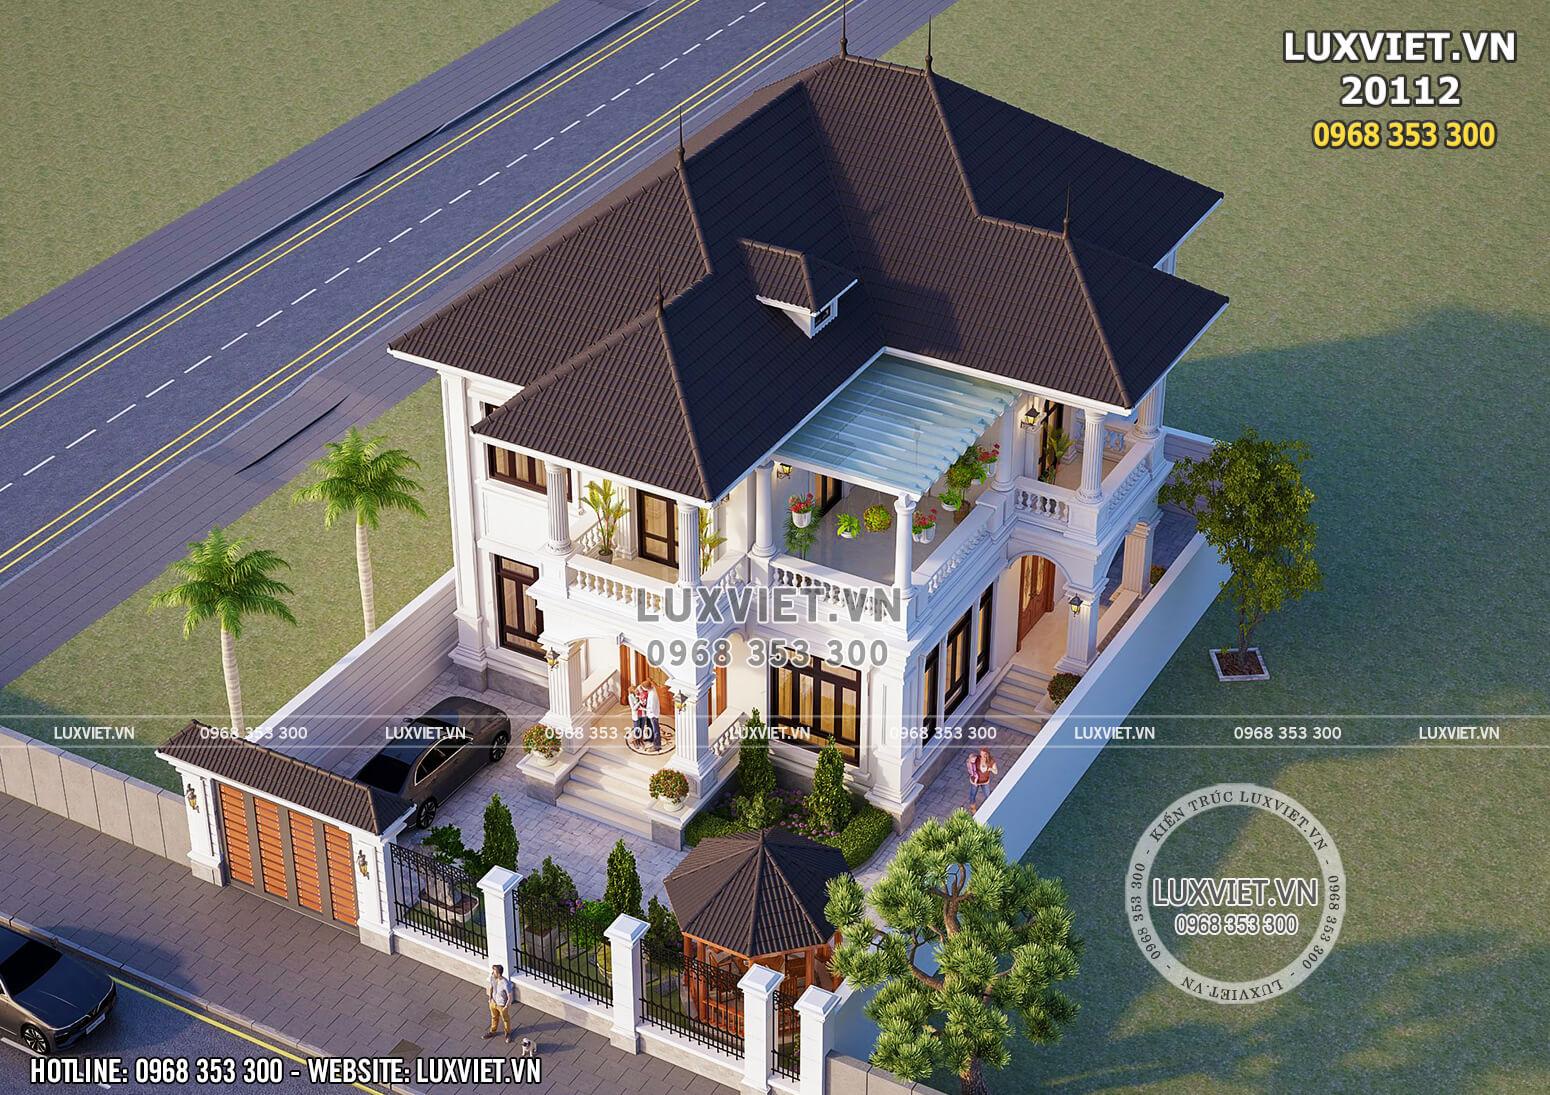 Mẫu nhà 2 tầng tân cổ điển đẹp 150m2 4 phòng ngủ - Mã số: LV 20112